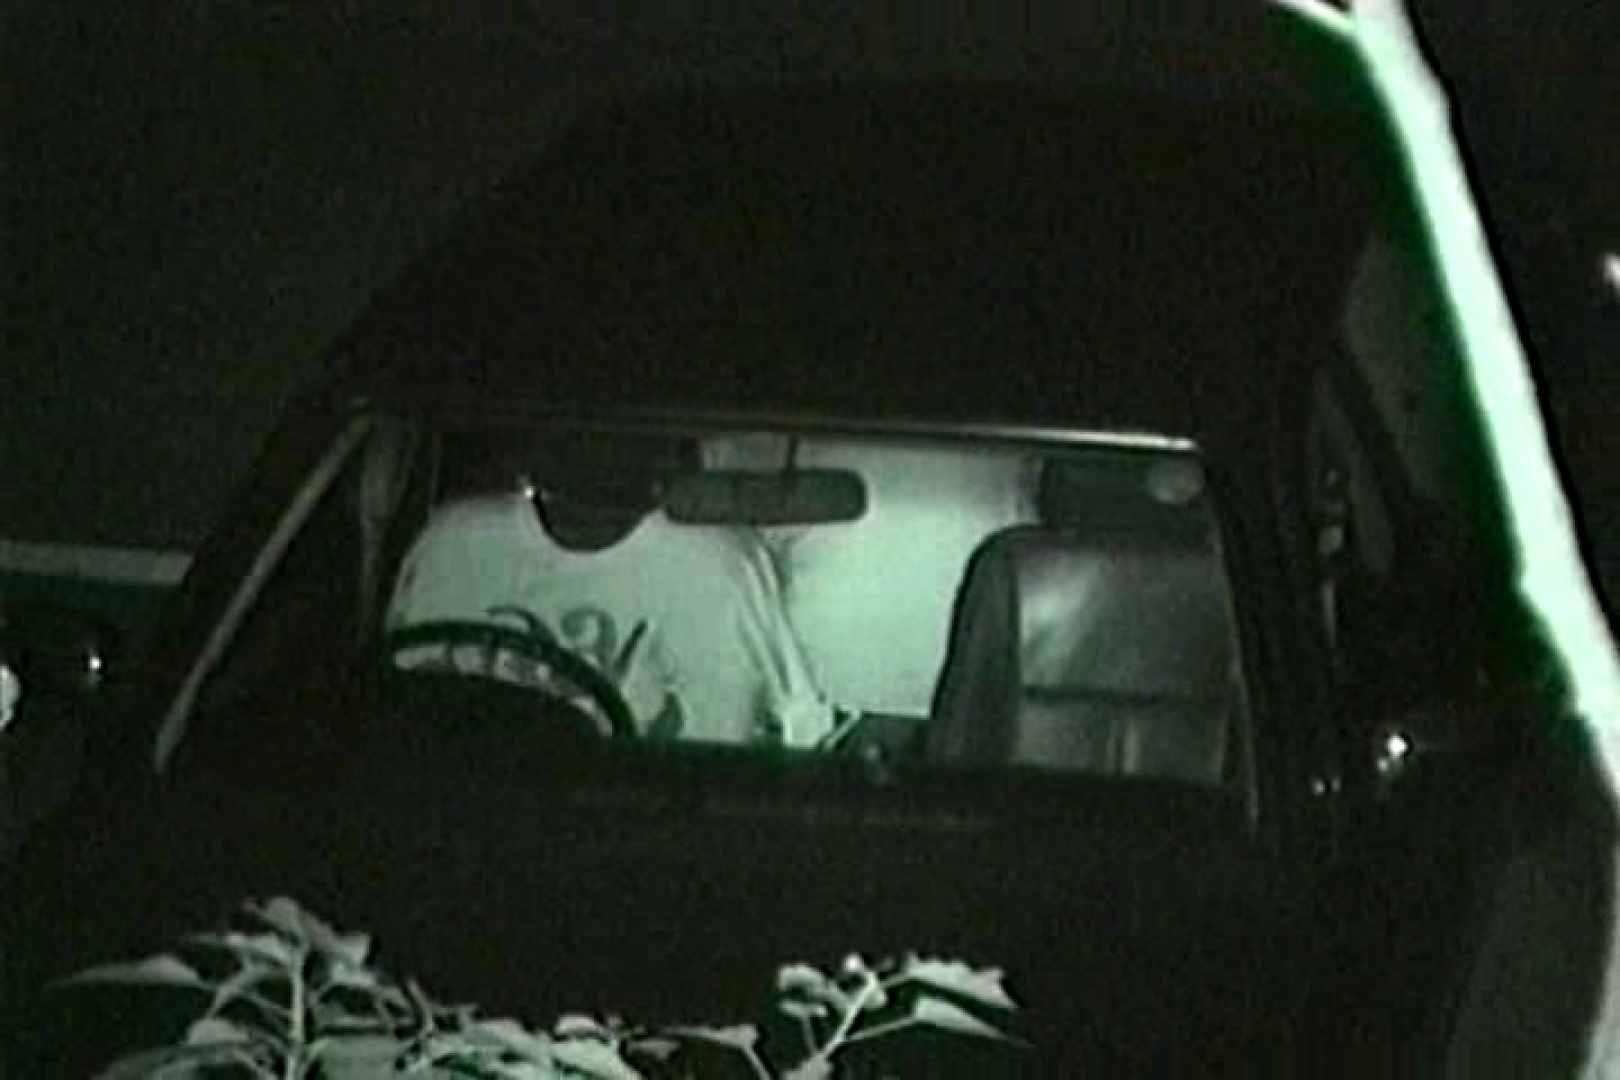 車の中はラブホテル 無修正版  Vol.8 車でエッチ  102PIX 88